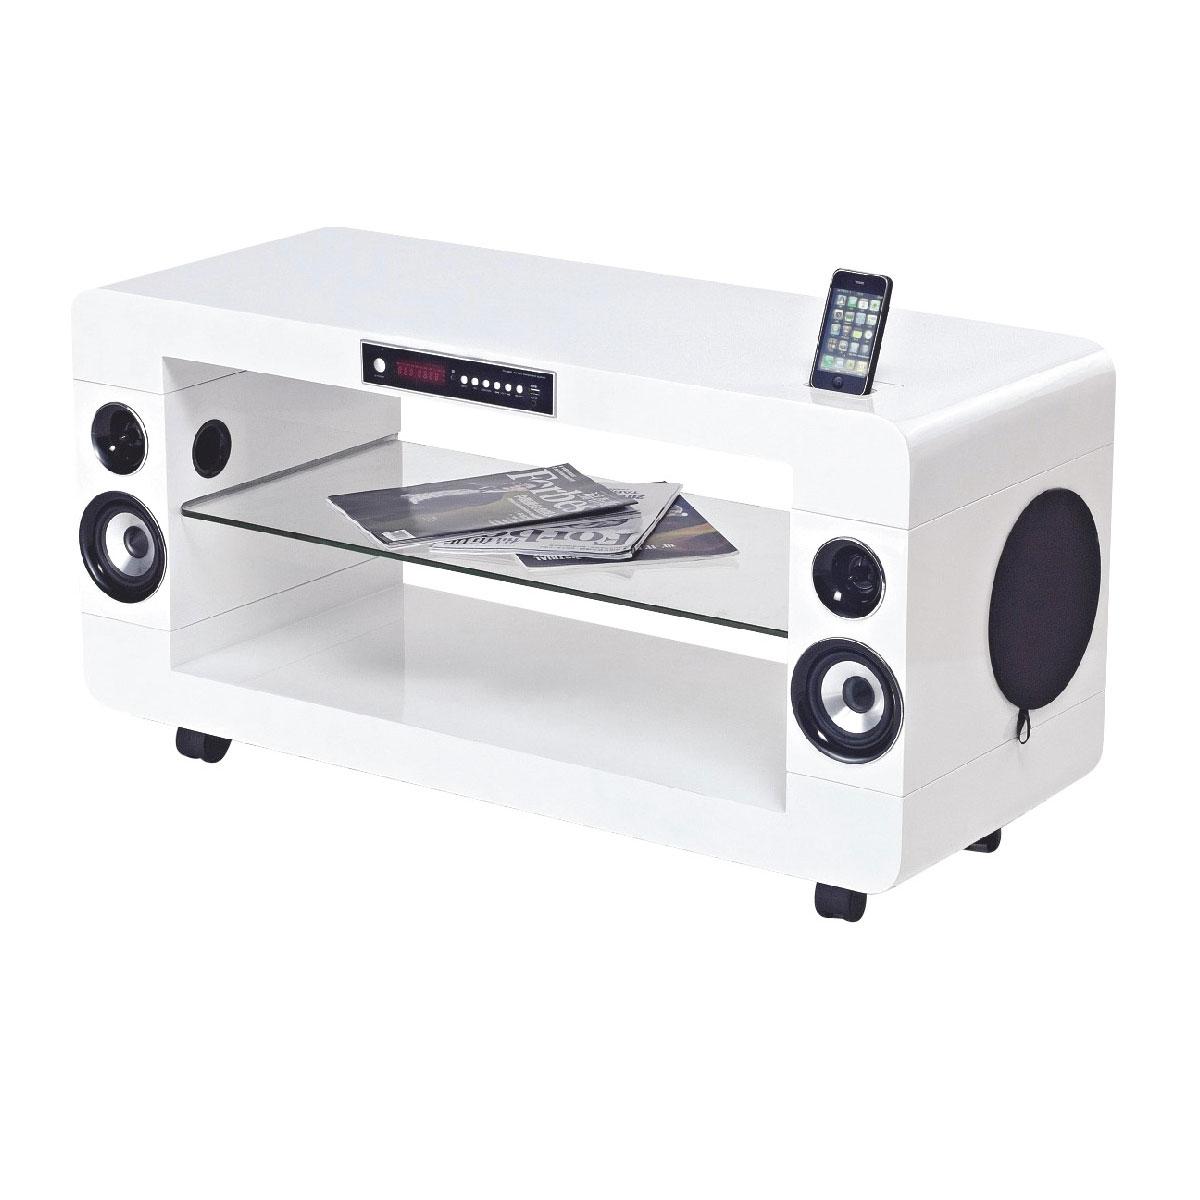 Ensemble home cinéma SoundVision SV-230 W Blanc Meuble Home Cinéma 2.1 avec station d'accueil iPod/iPhone et technologie Bluetooth